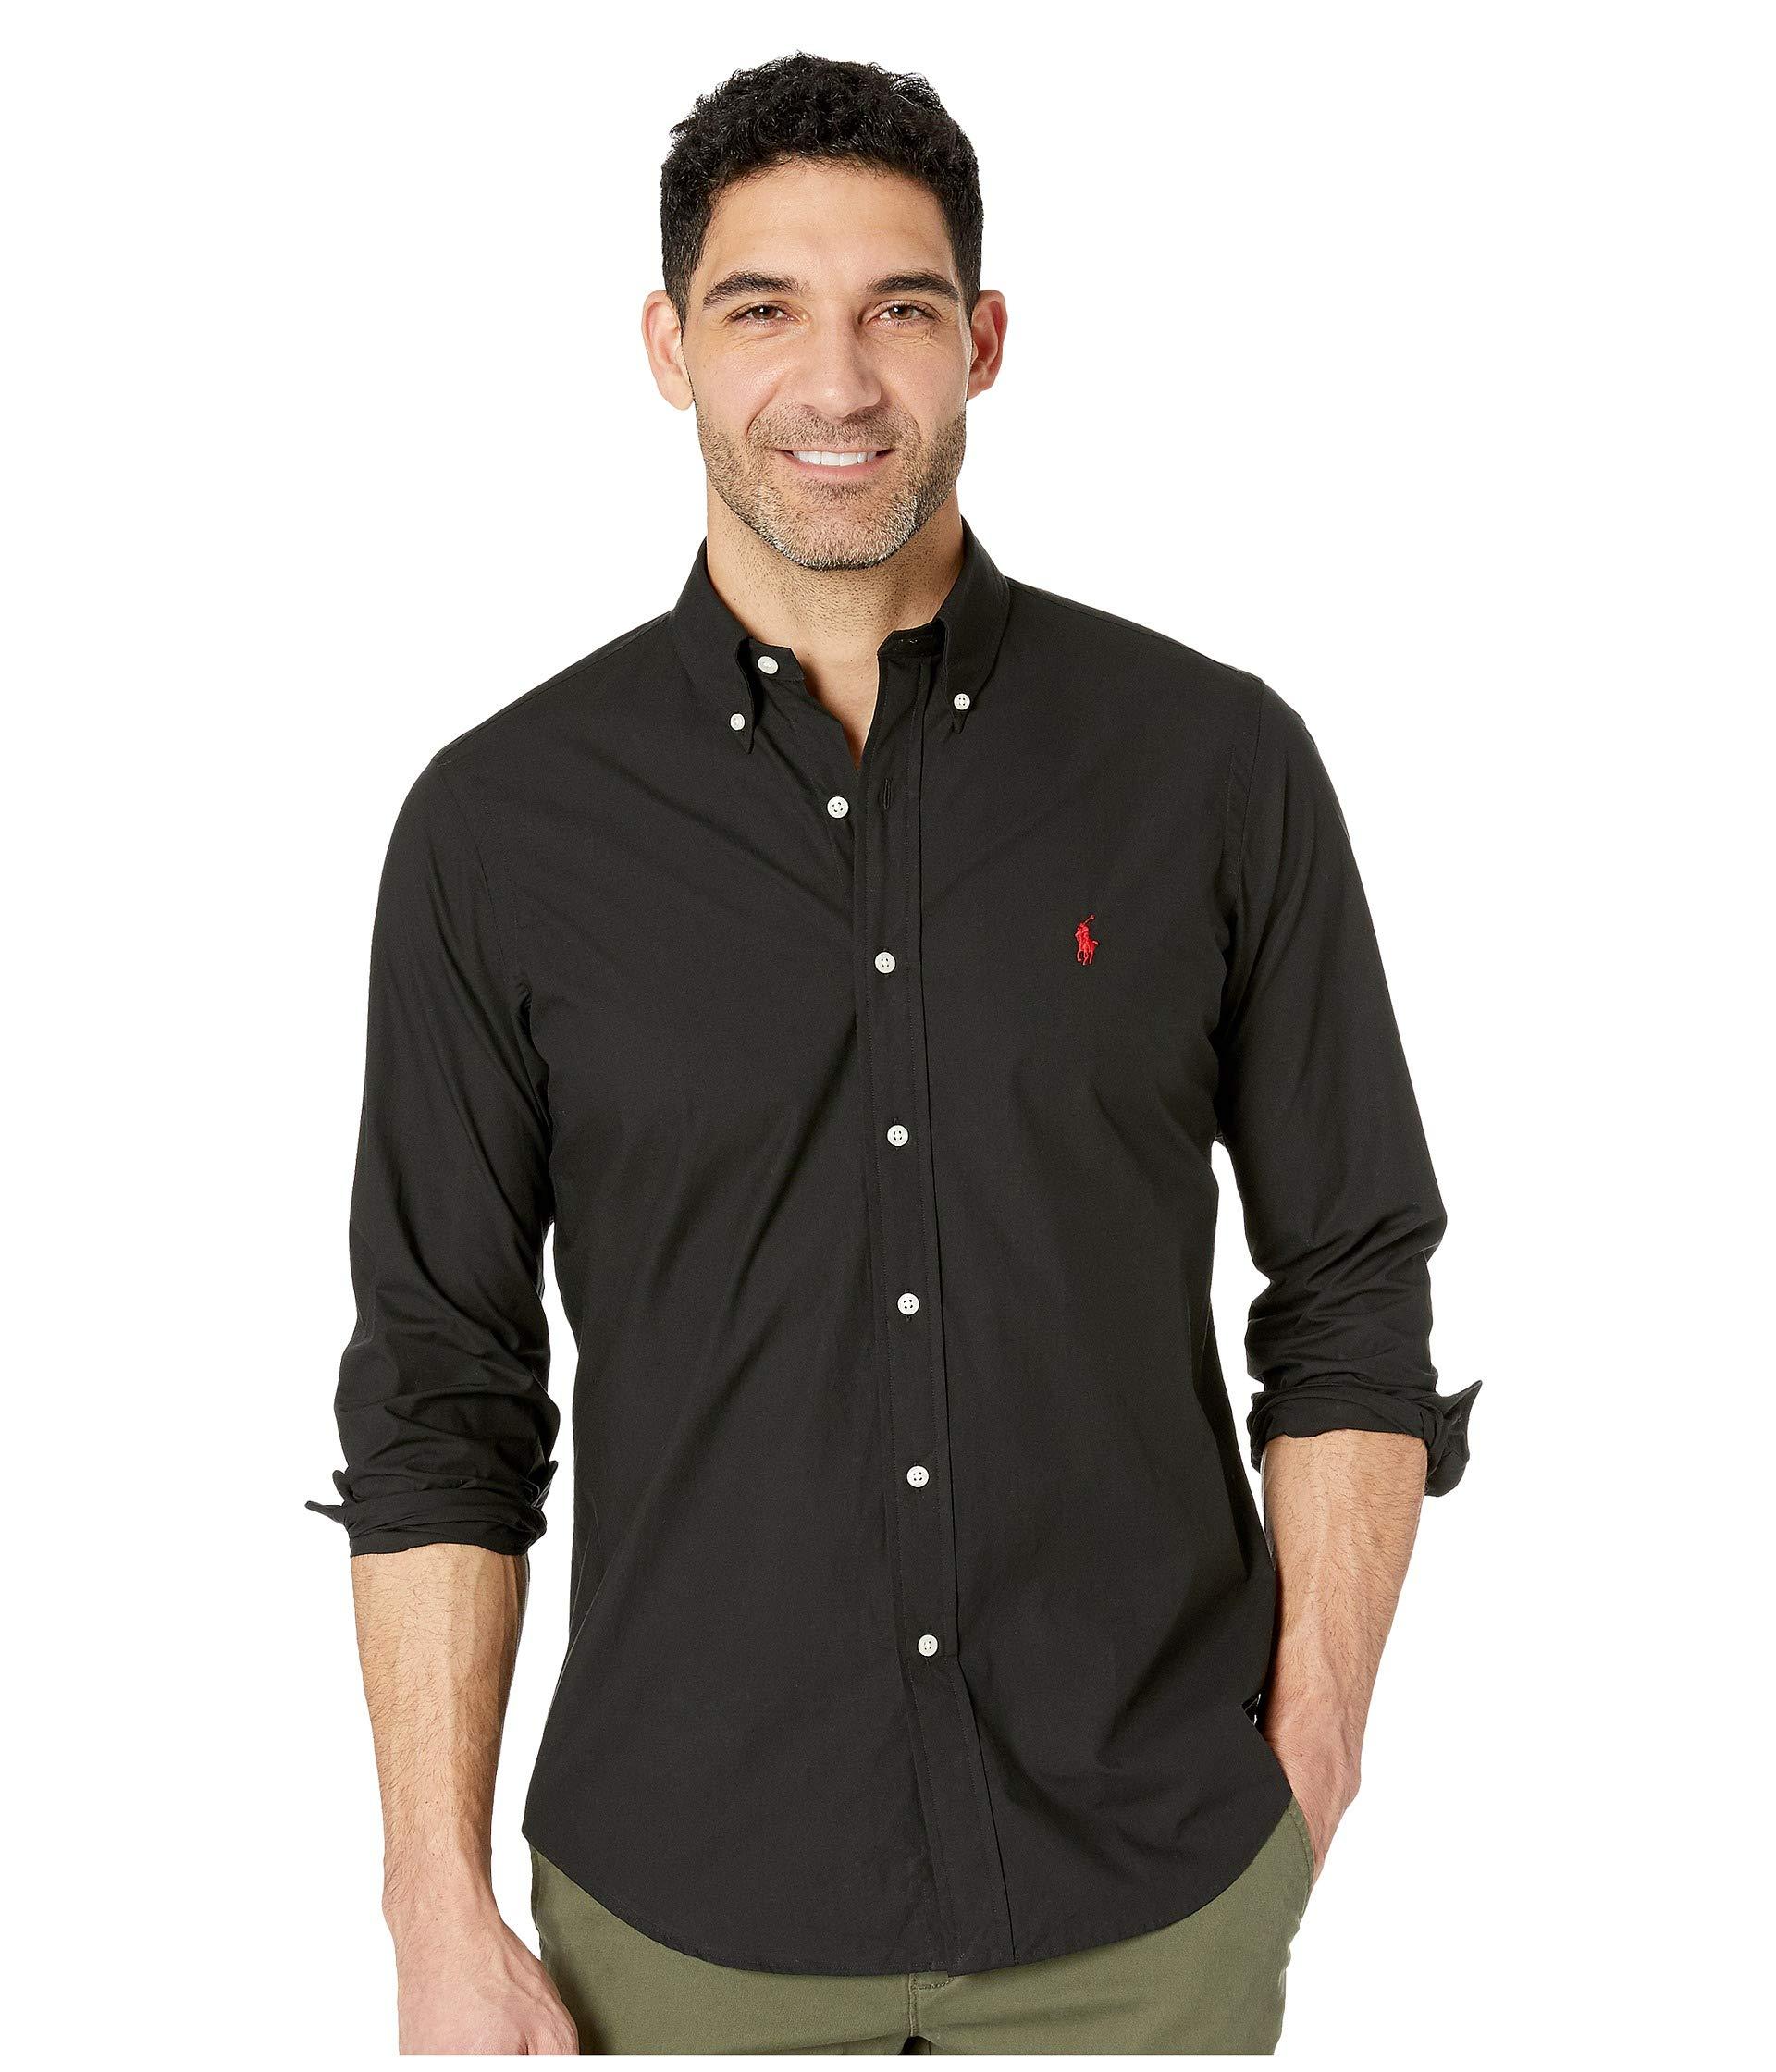 Polo Ralph Lauren Mens Solid Poplin Sport Shirt (XL, Black)